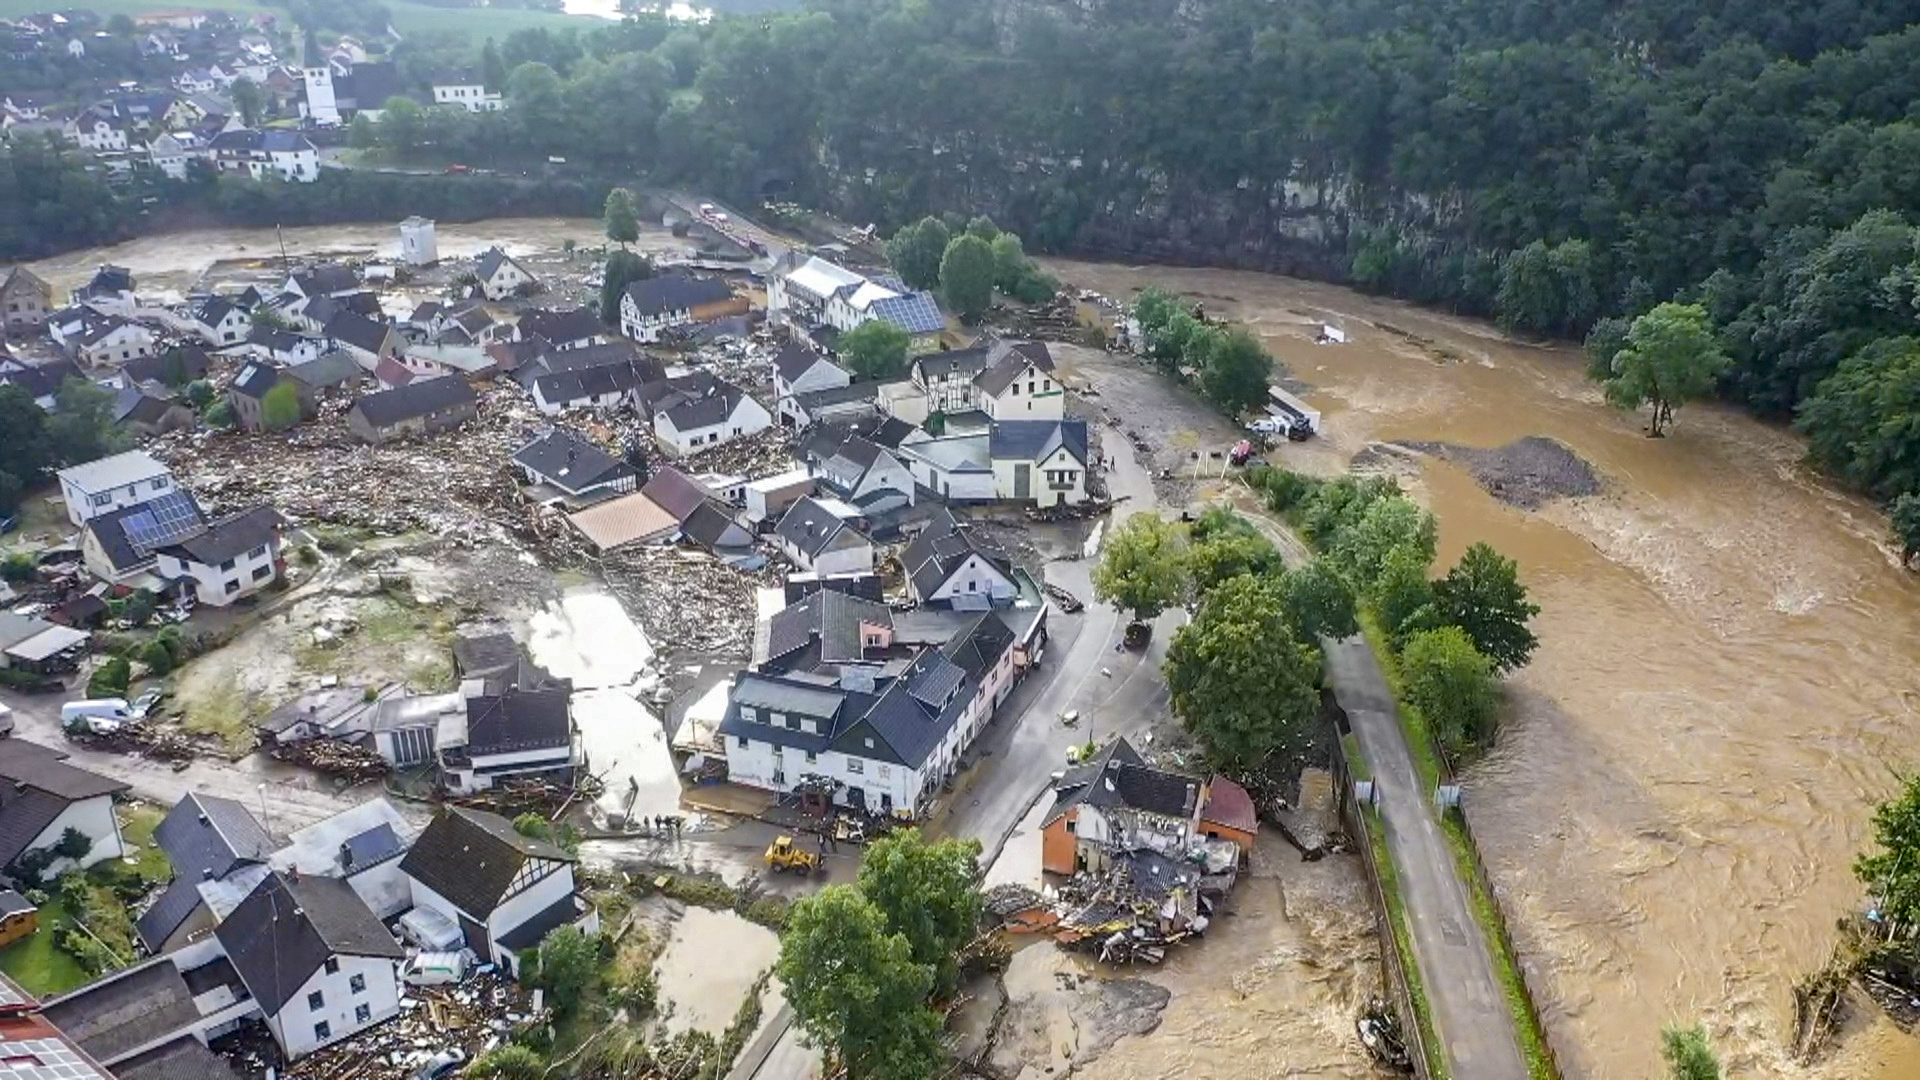 Vue aérienne du village de Schuld dans l'ouest de l'Allemagne après de violentes intempéries (photo prise le 15 juillet)